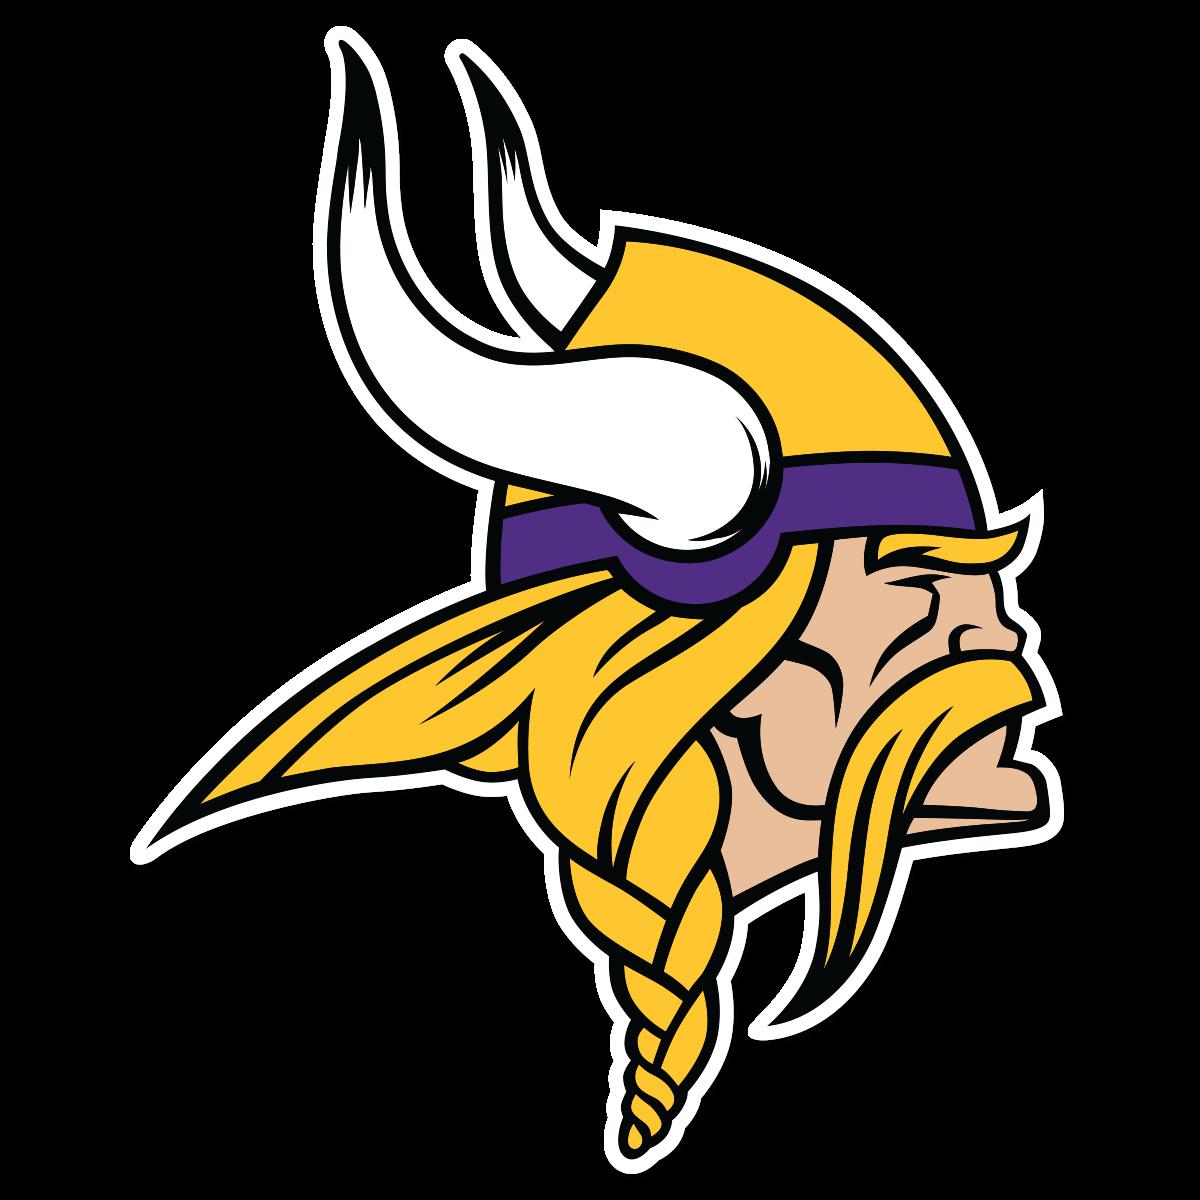 vikings logo.png